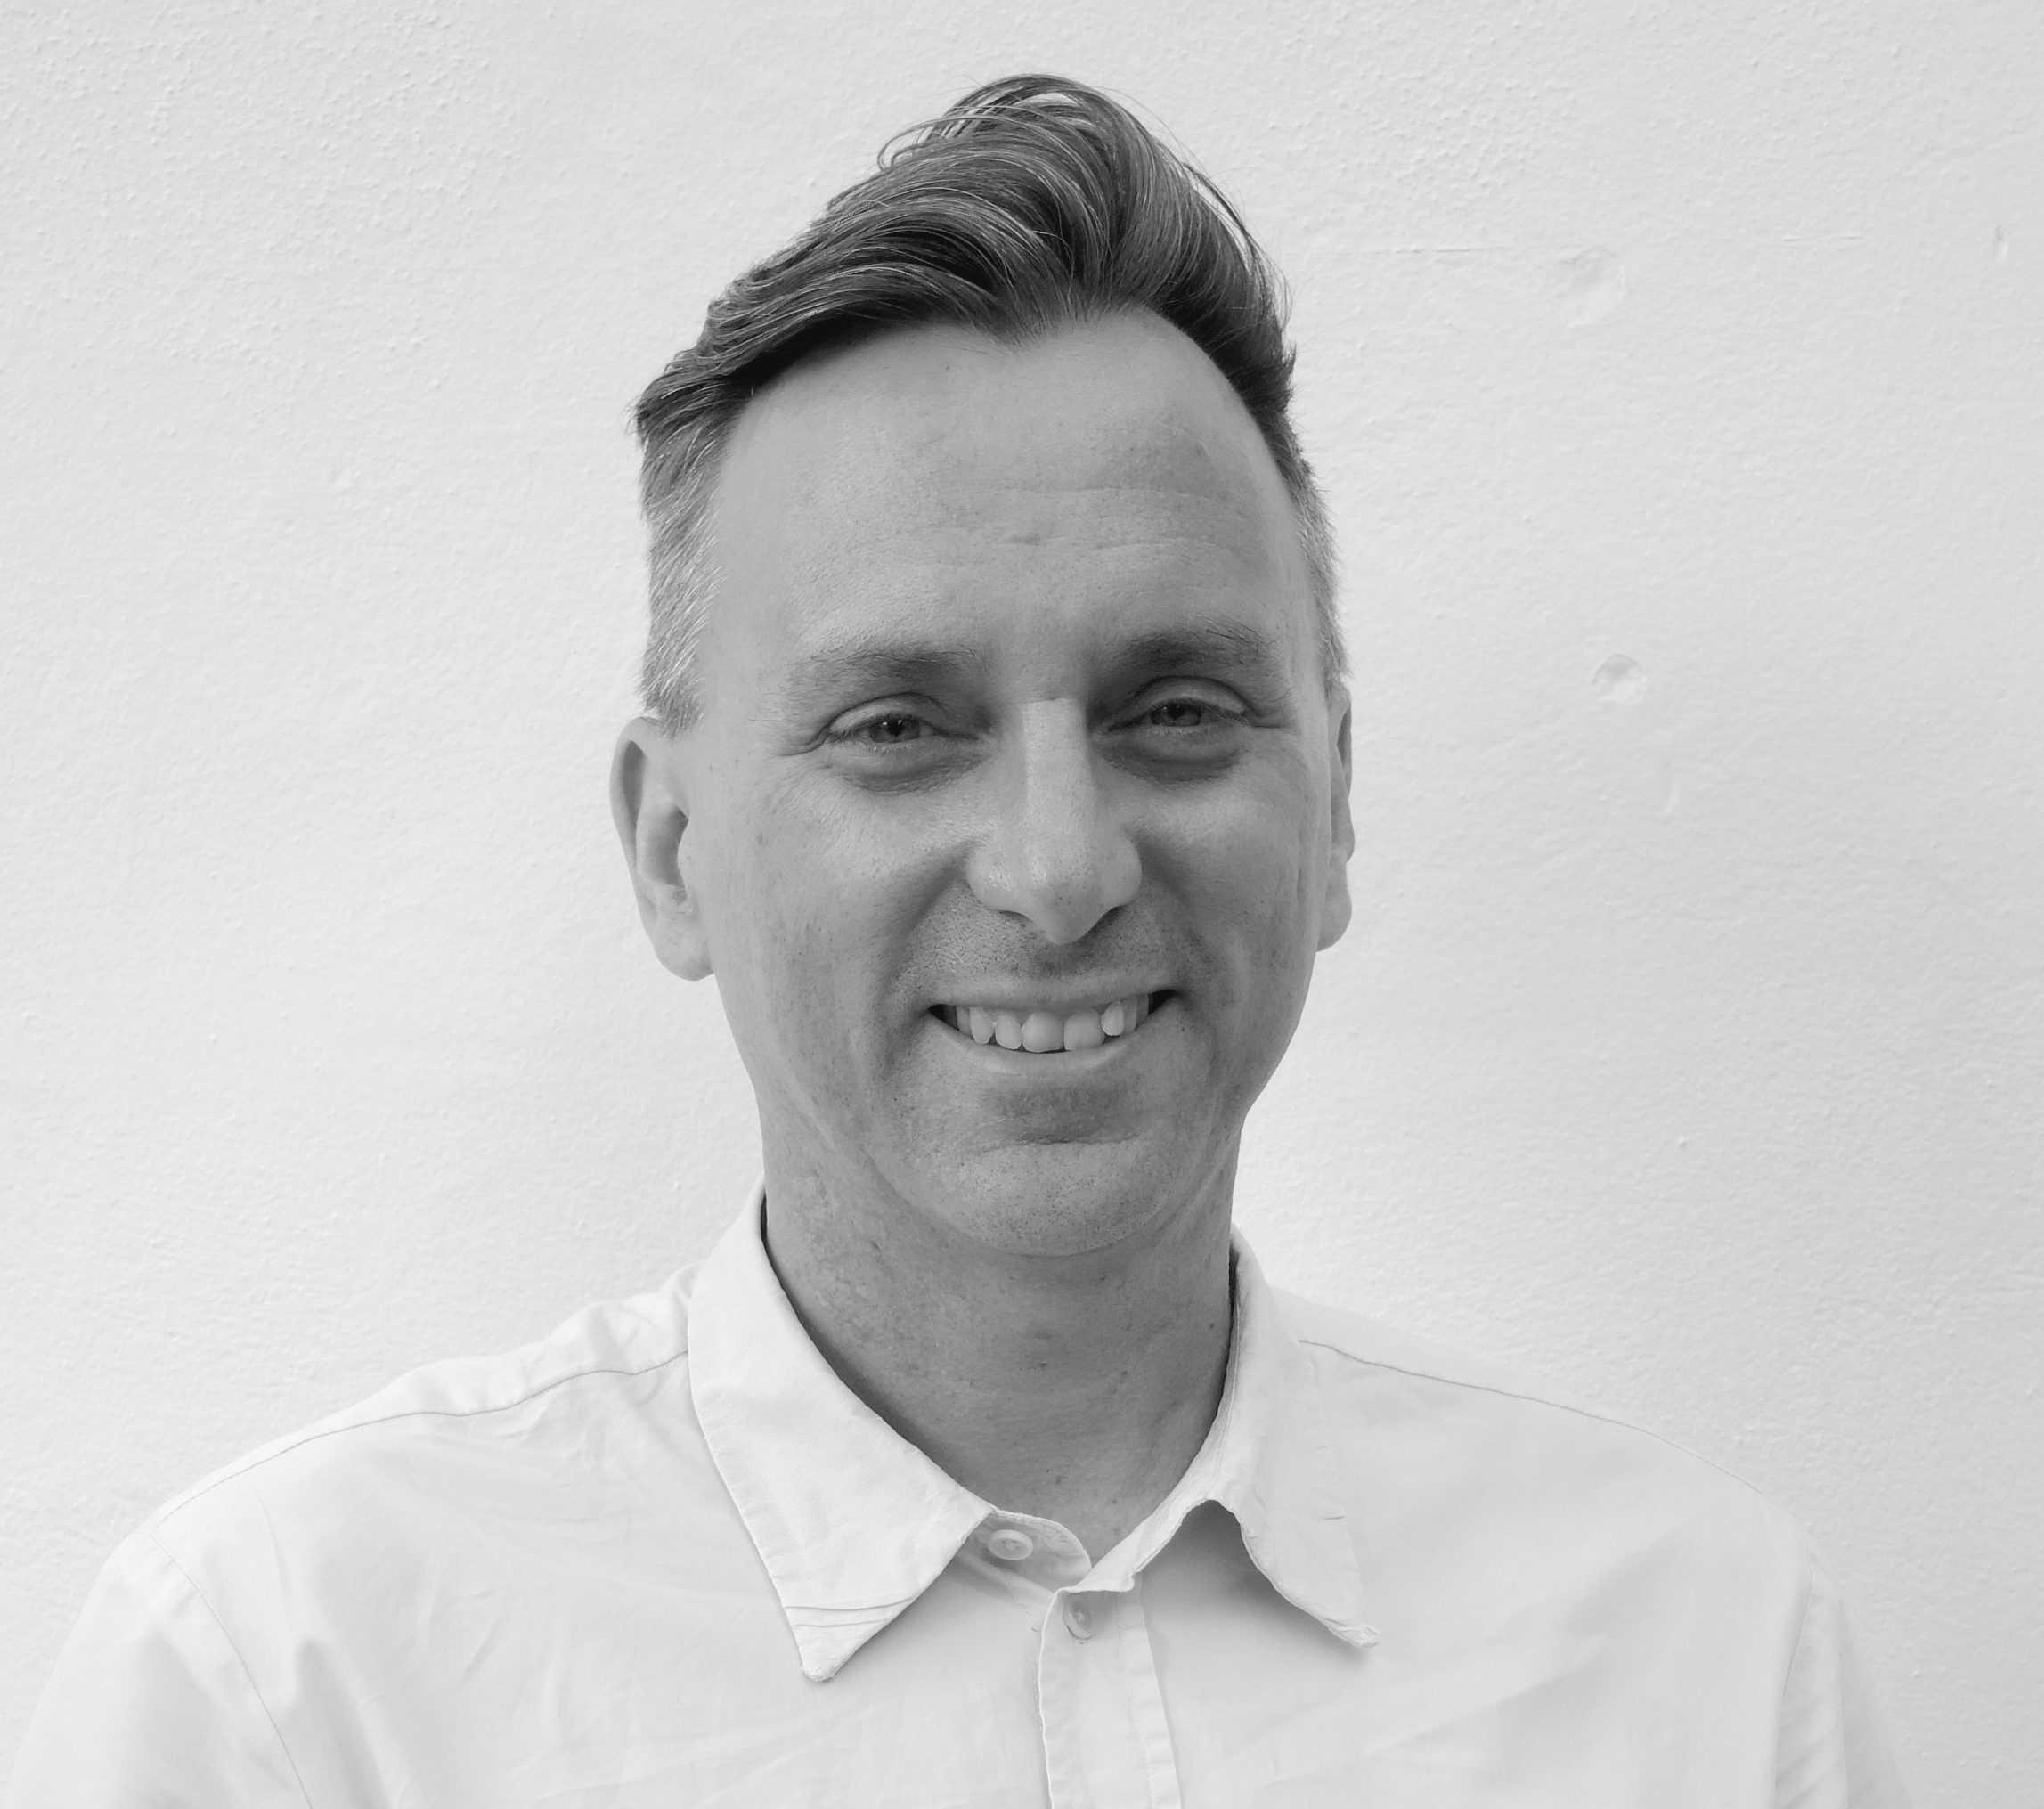 Architect Spotlight: Jayson Blight